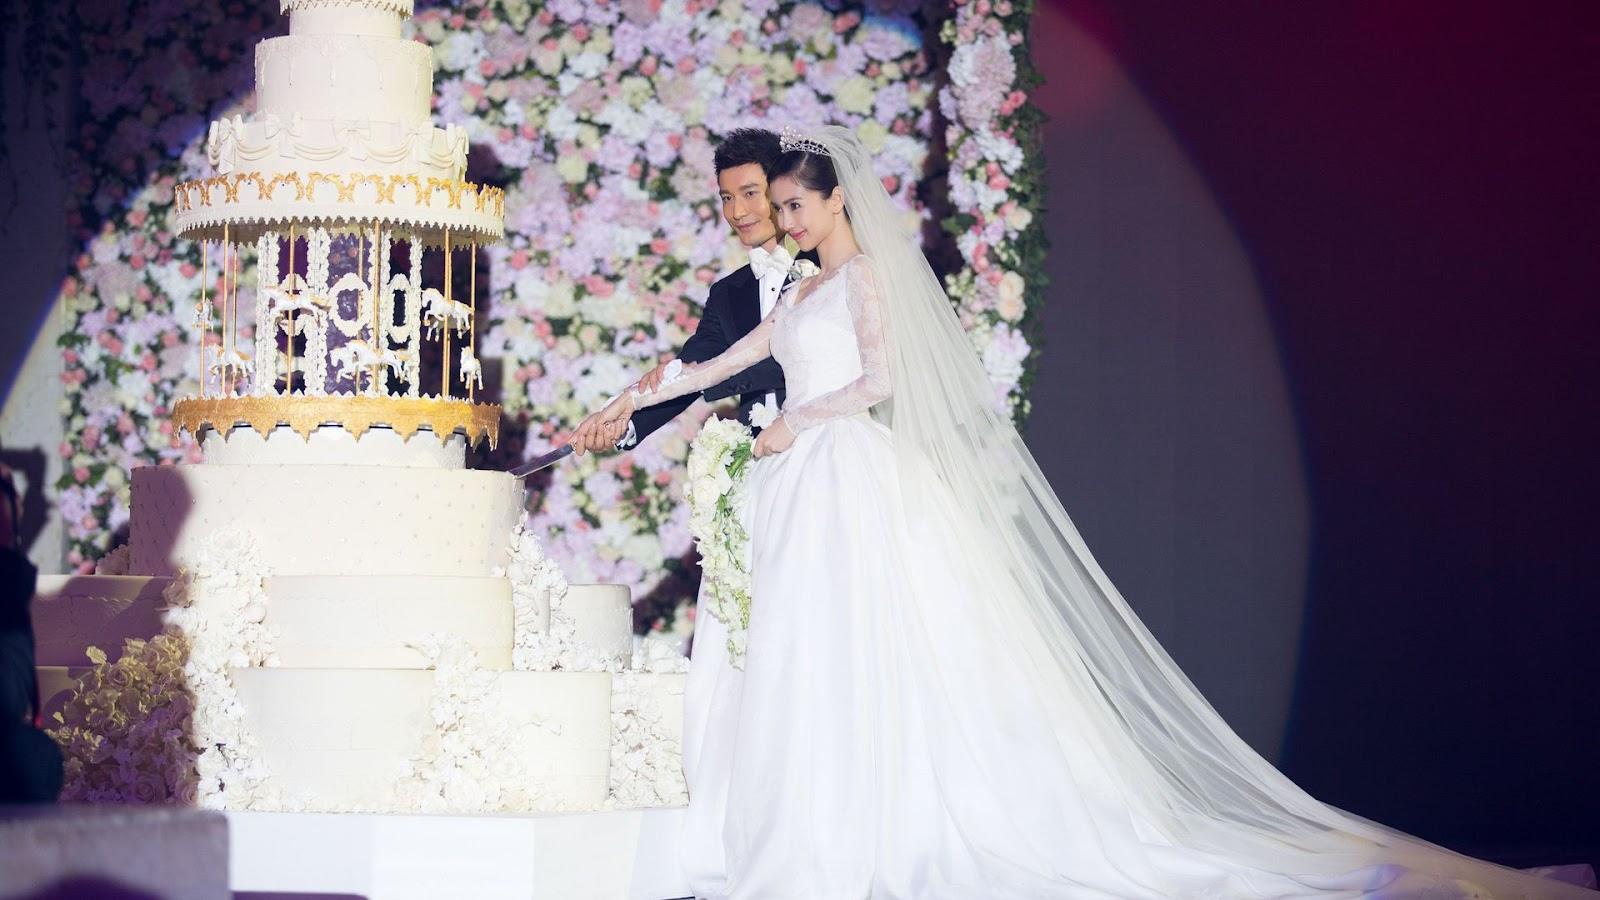 xem ngày cưới hỏi - 209641